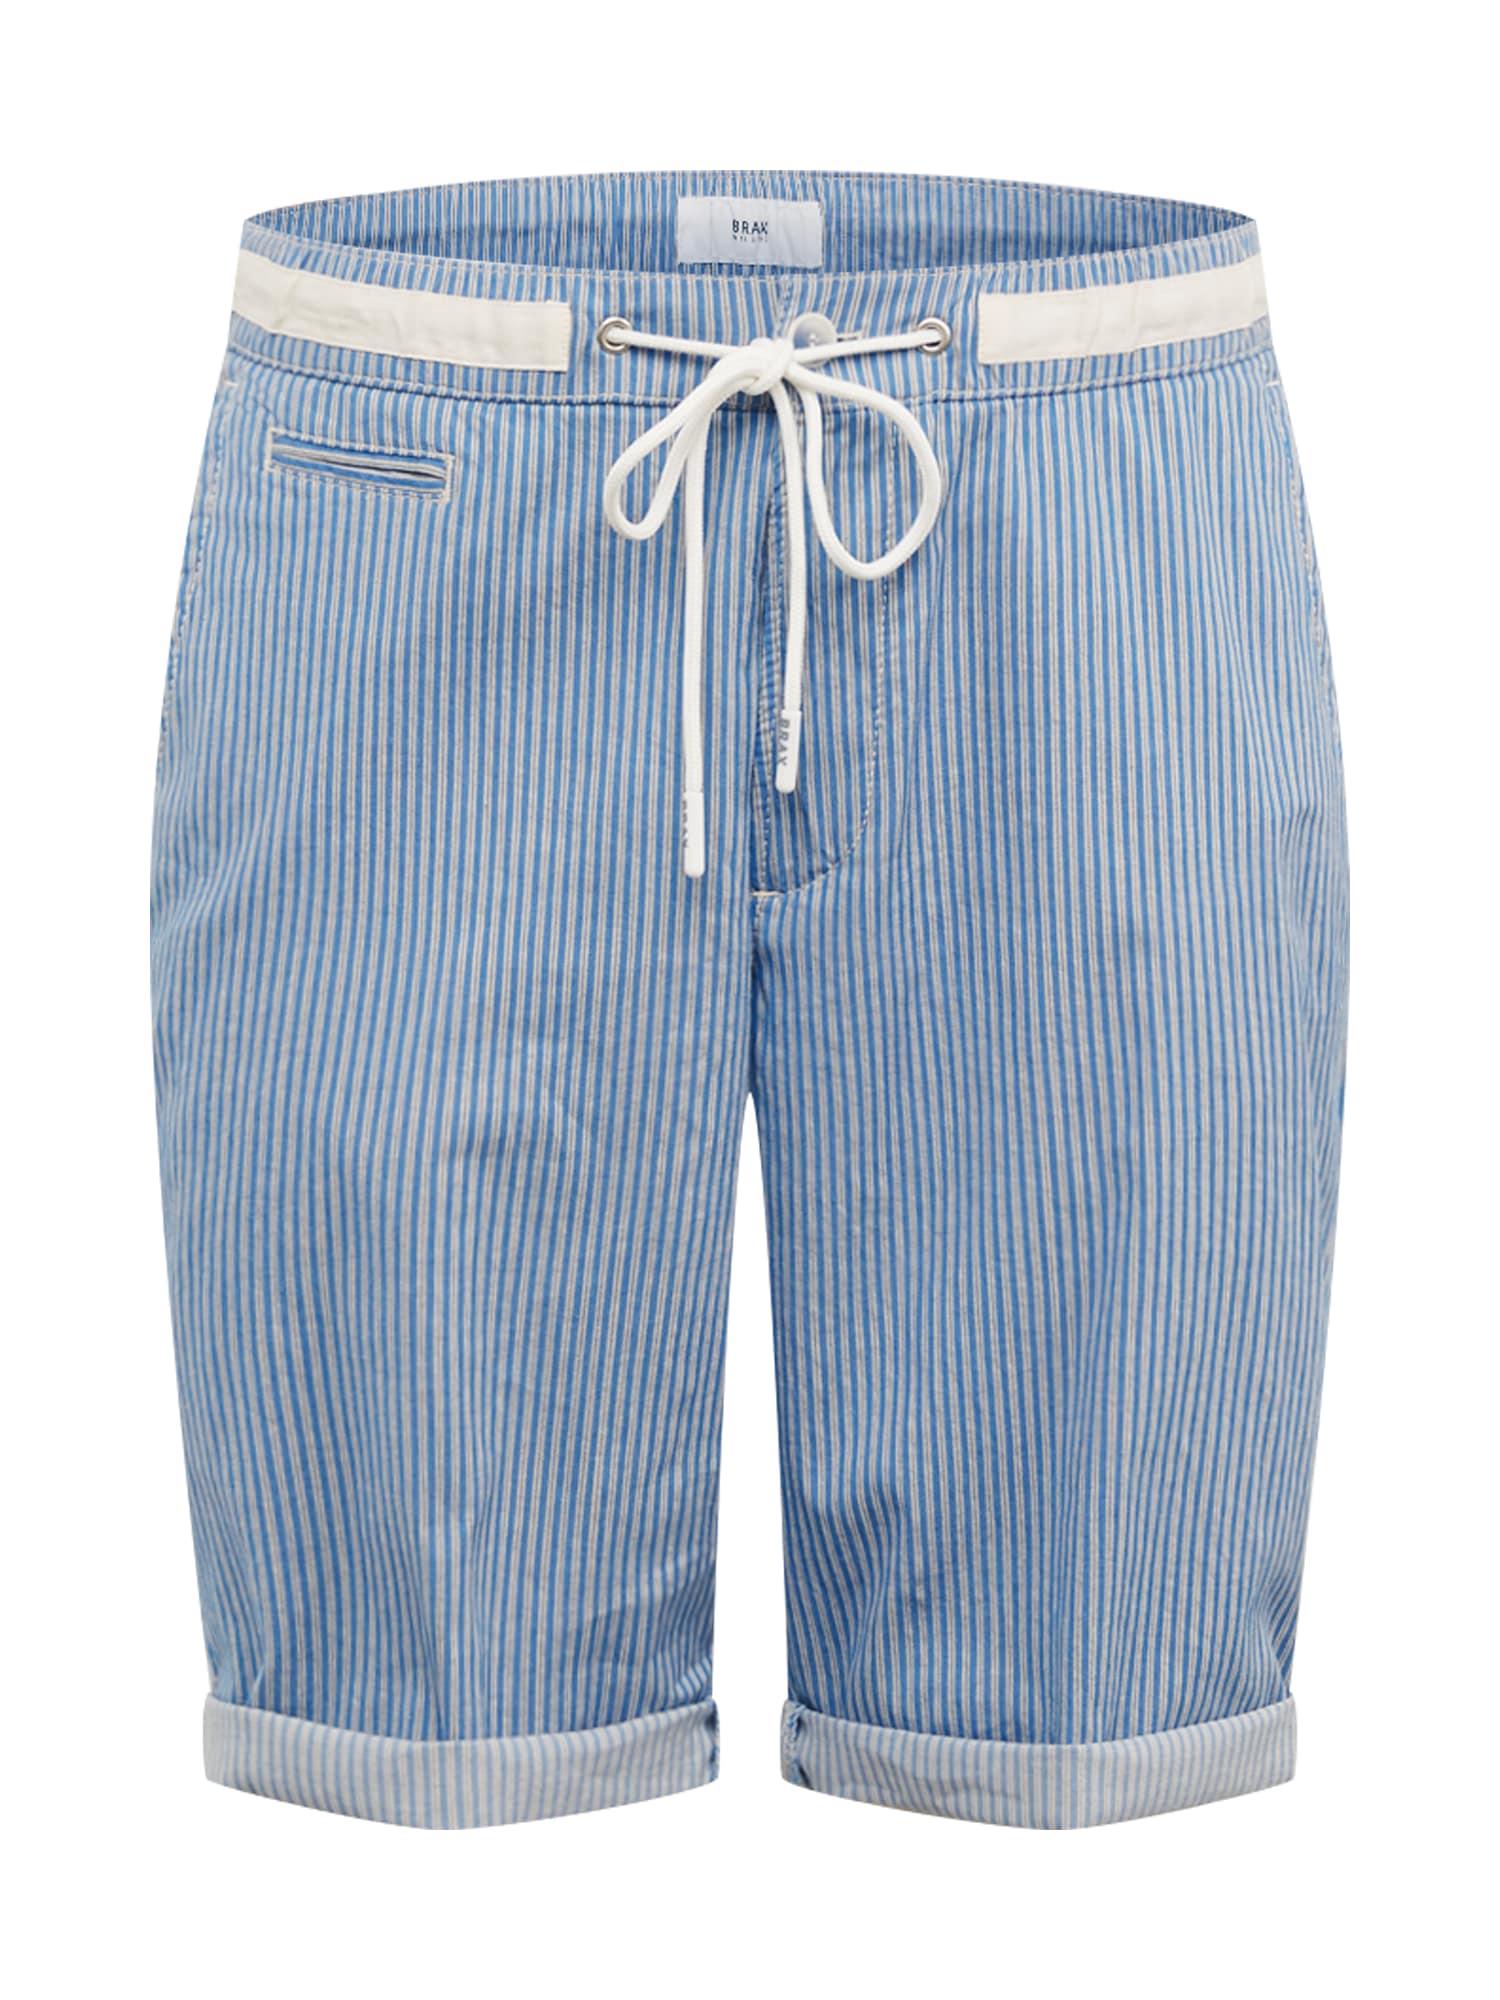 BRAX Kelnės 'STYLE.BIAGGIO ' balta / šviesiai mėlyna